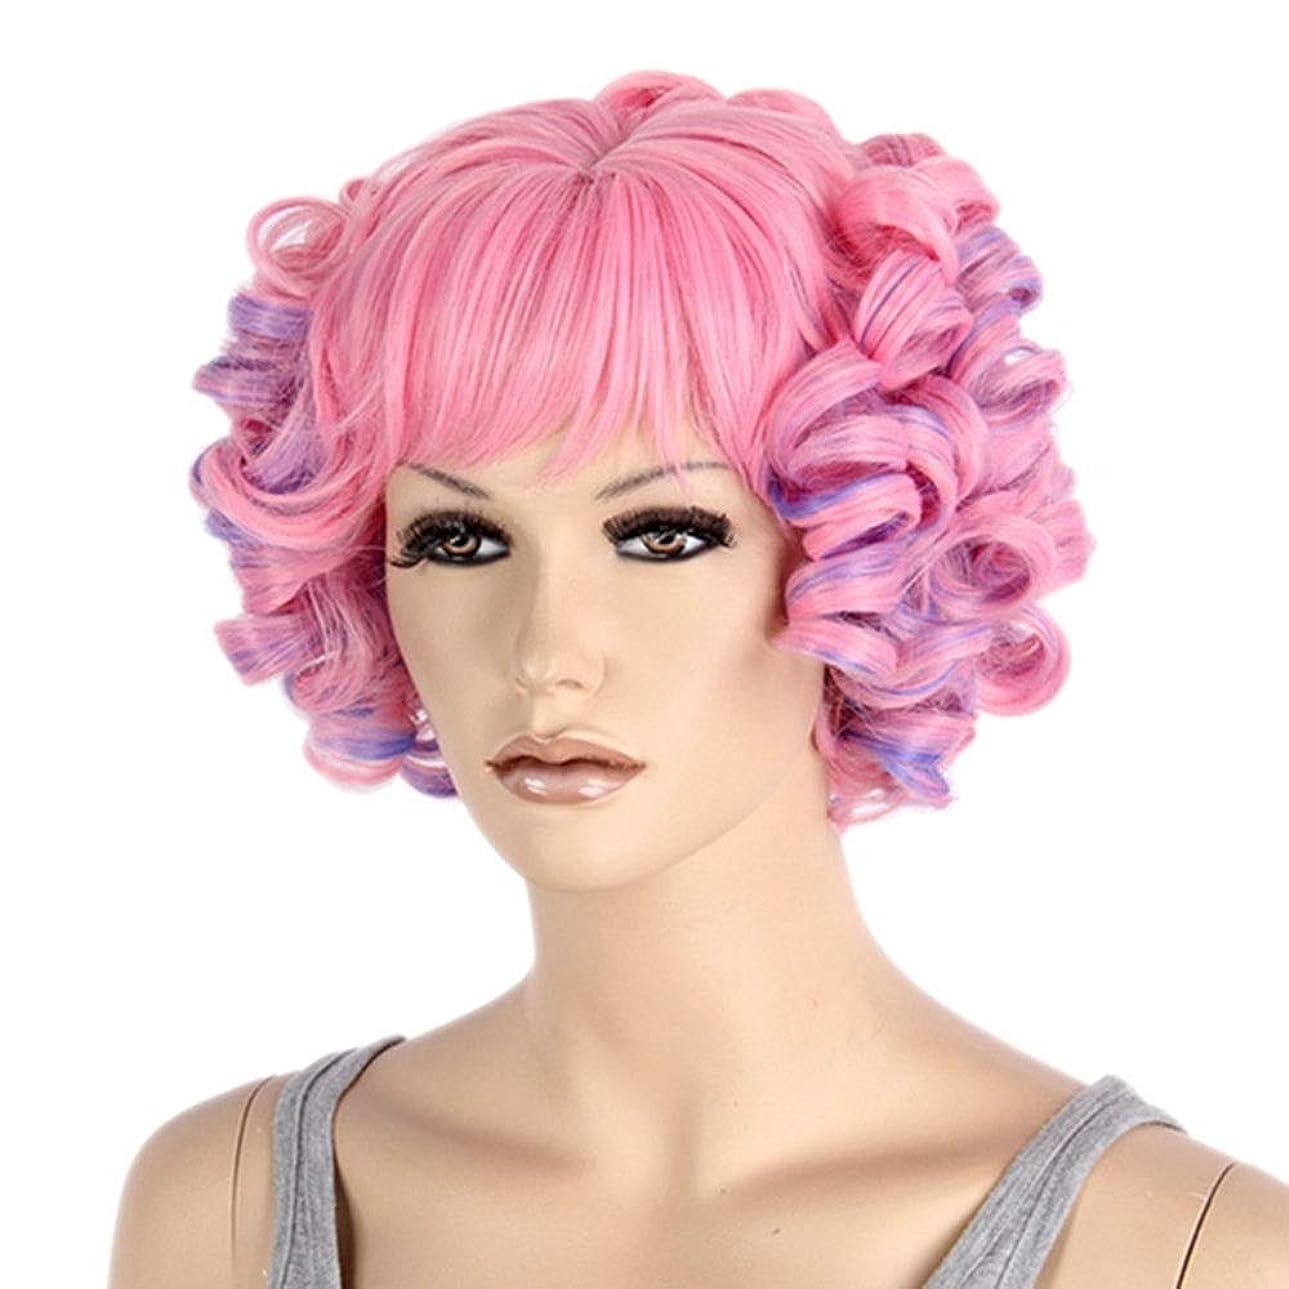 許容葉っぱめったにMayalina 女性のためのショートカーリーマルチカラーウィッグピンクとパープルのコスプレ合成かつら(ピンクミックスパープル)女性用合成かつらレースかつらロールプレイングかつら (色 : Photo Color)